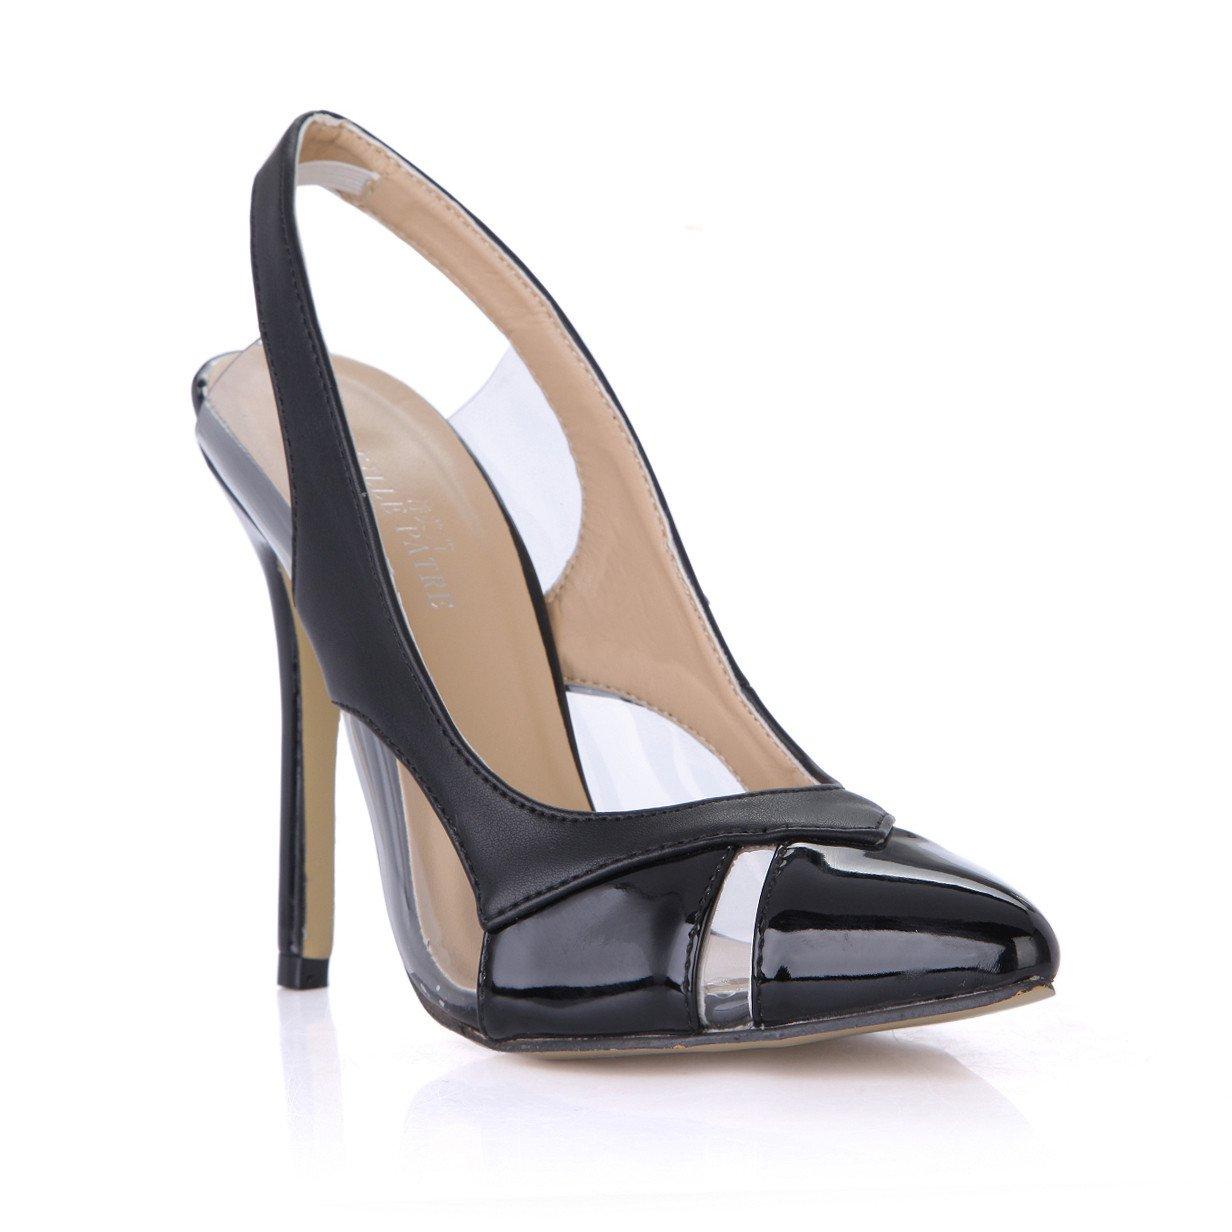 Noir Les femmes célibataires de nouveaux produits dans les réunions annuelles de la chaussures à haut talon après un grand vide point noir chaussures femmes US9   EU40   UK7   CN41